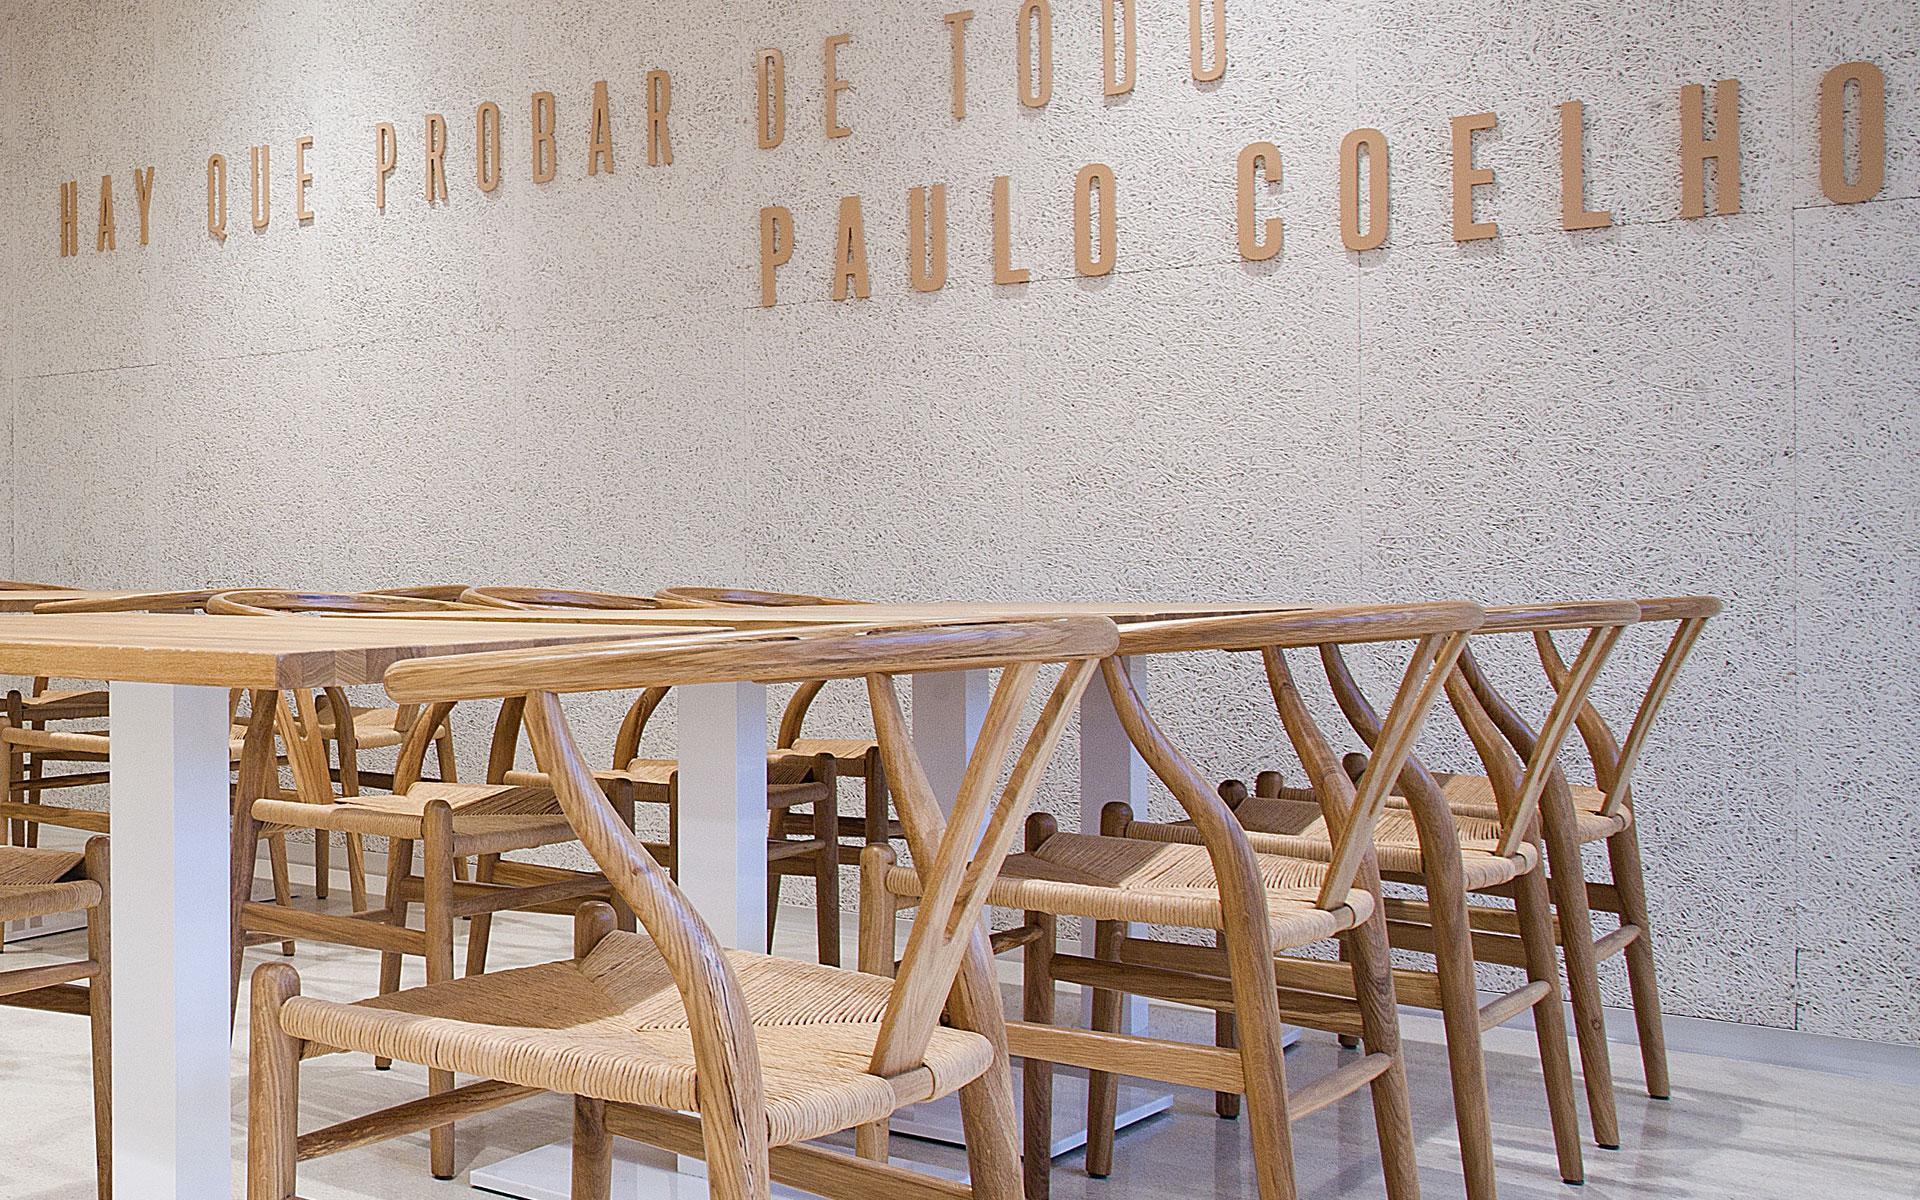 Catedral Gastrobar Gráfica Aplicada Hay que probar de todo Paulo Coelho